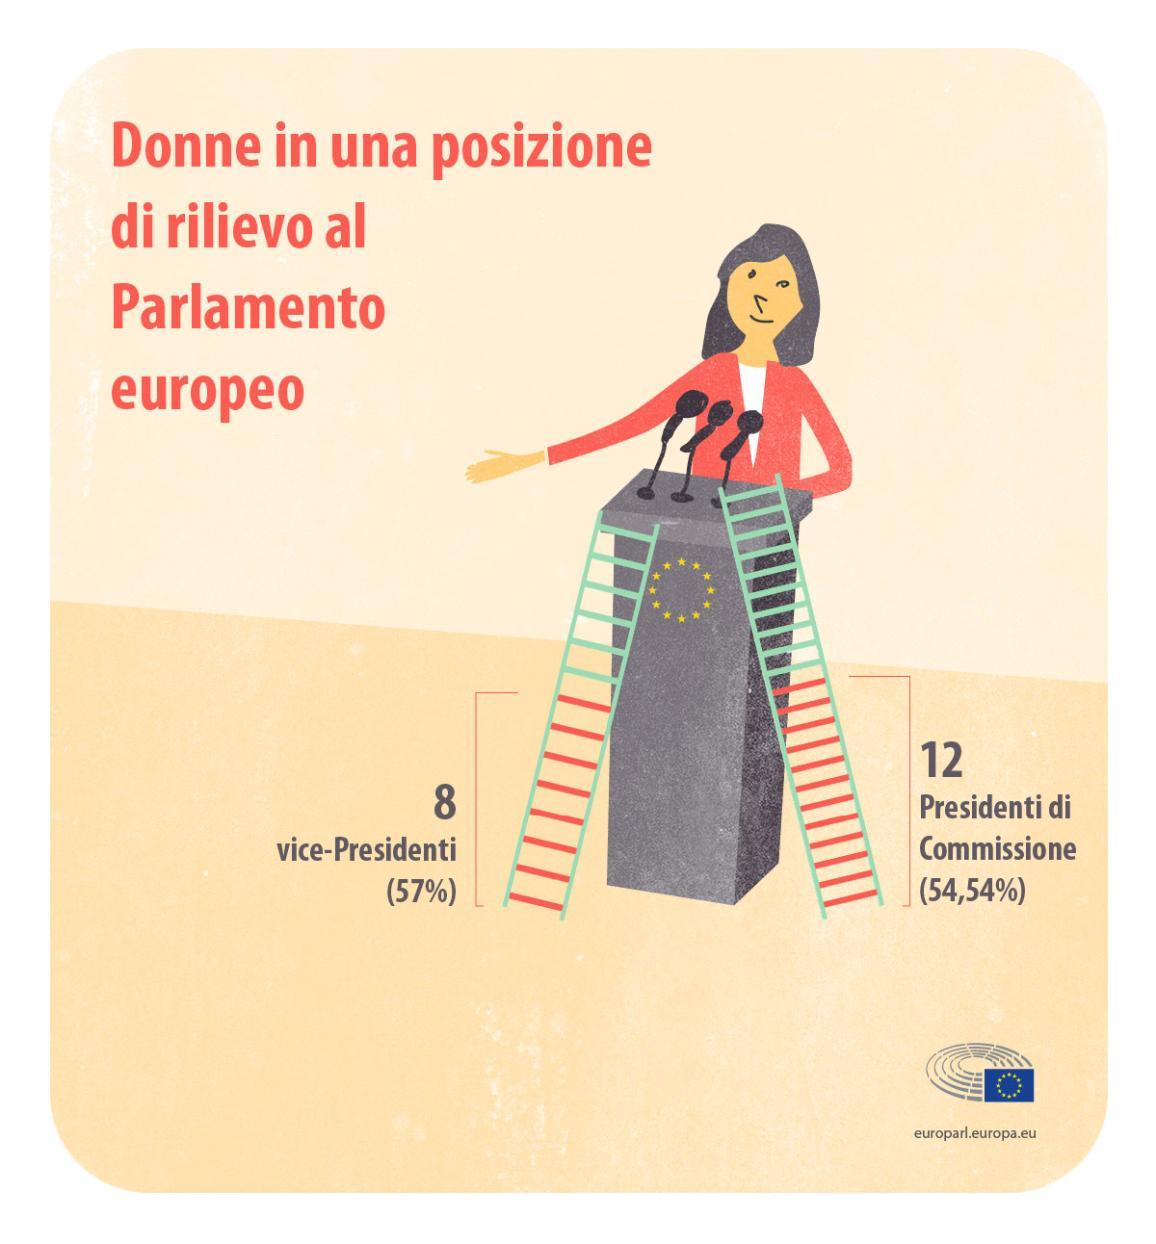 Il numero delle donne che ricoprono un'alta carica al Parlamento europeo © European Union 2019 -EP